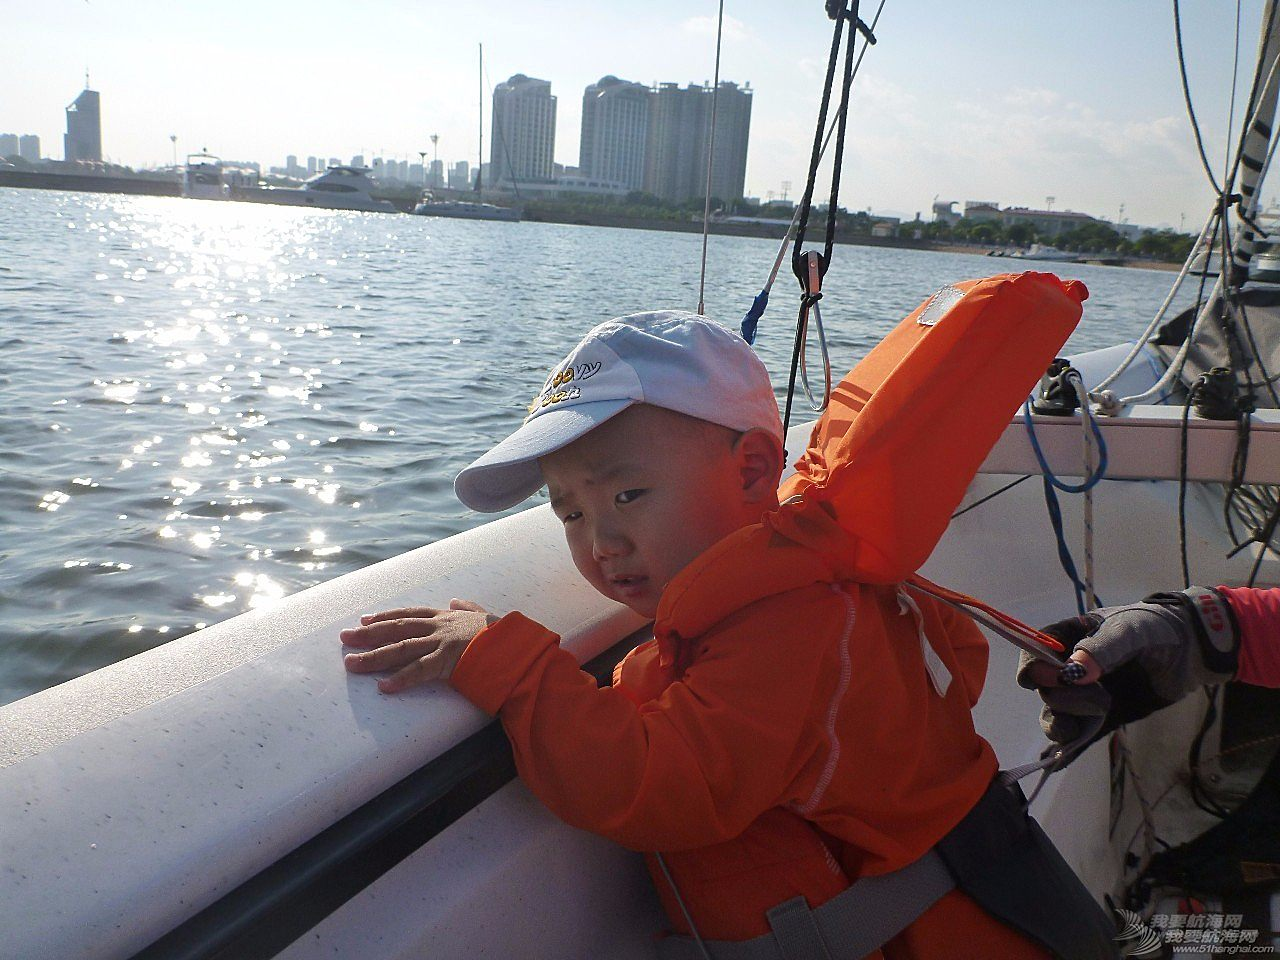 4岁小屁孩怎么玩帆船